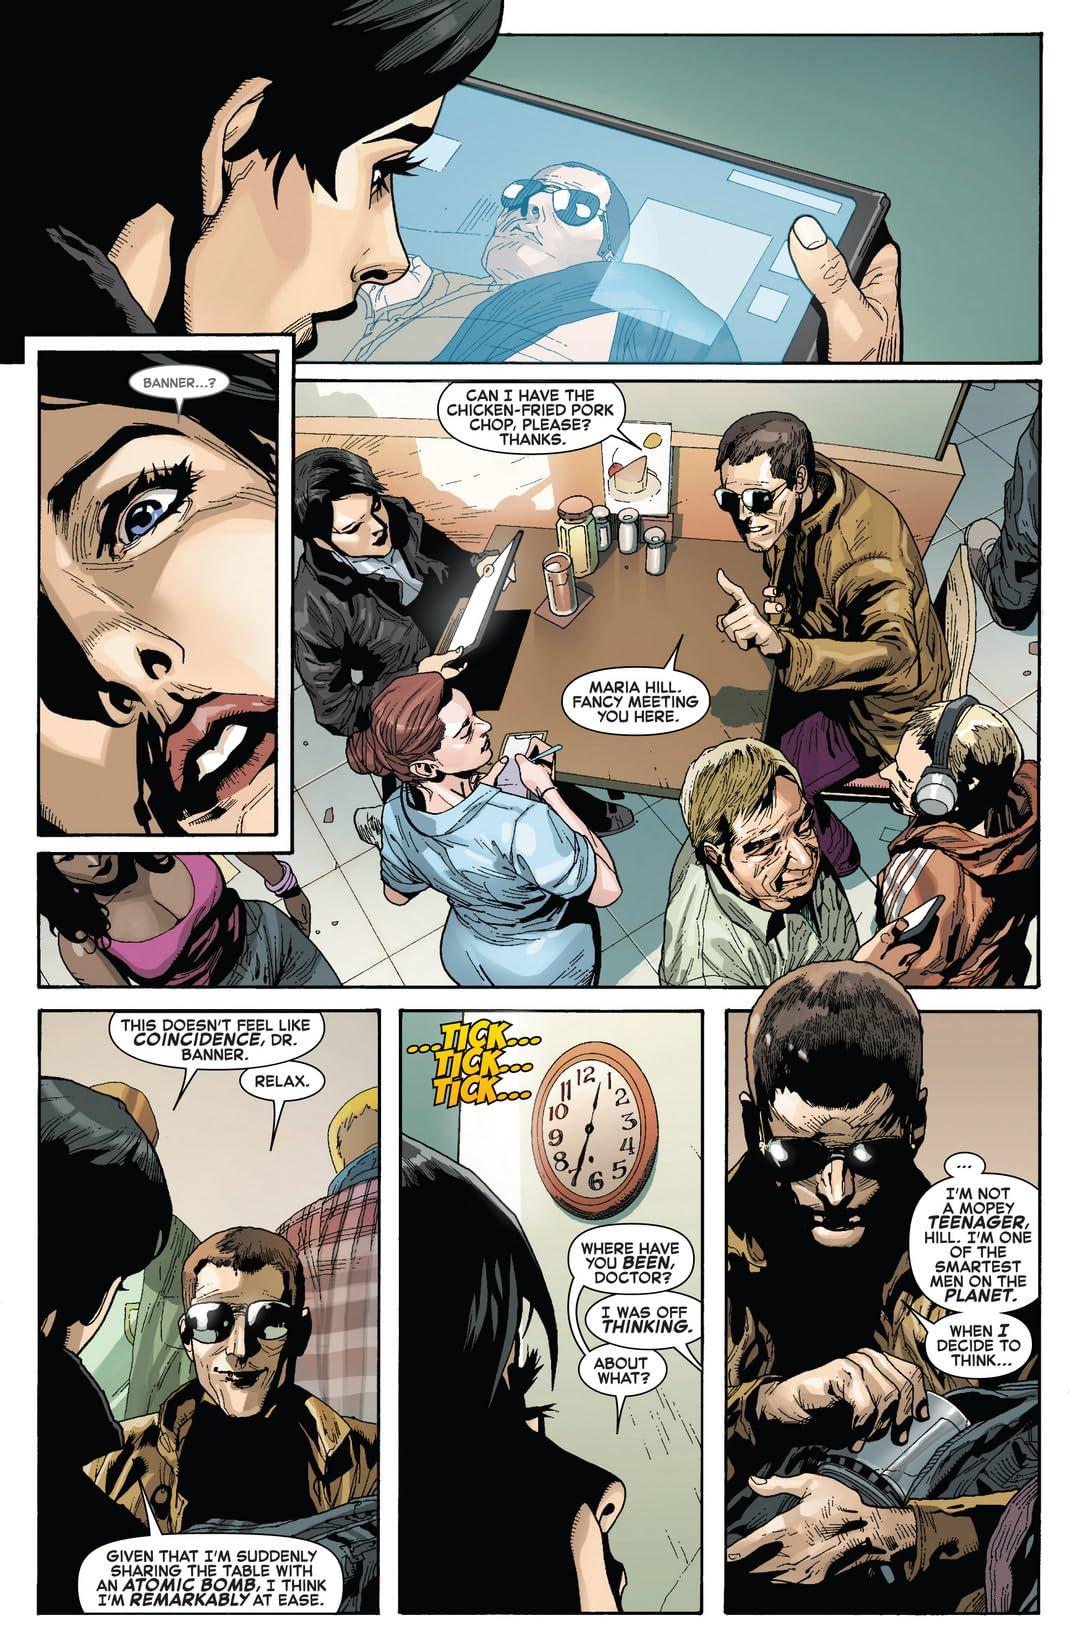 Indestructible Hulk Vol. 1: Agent of S.H.I.E.L.D.